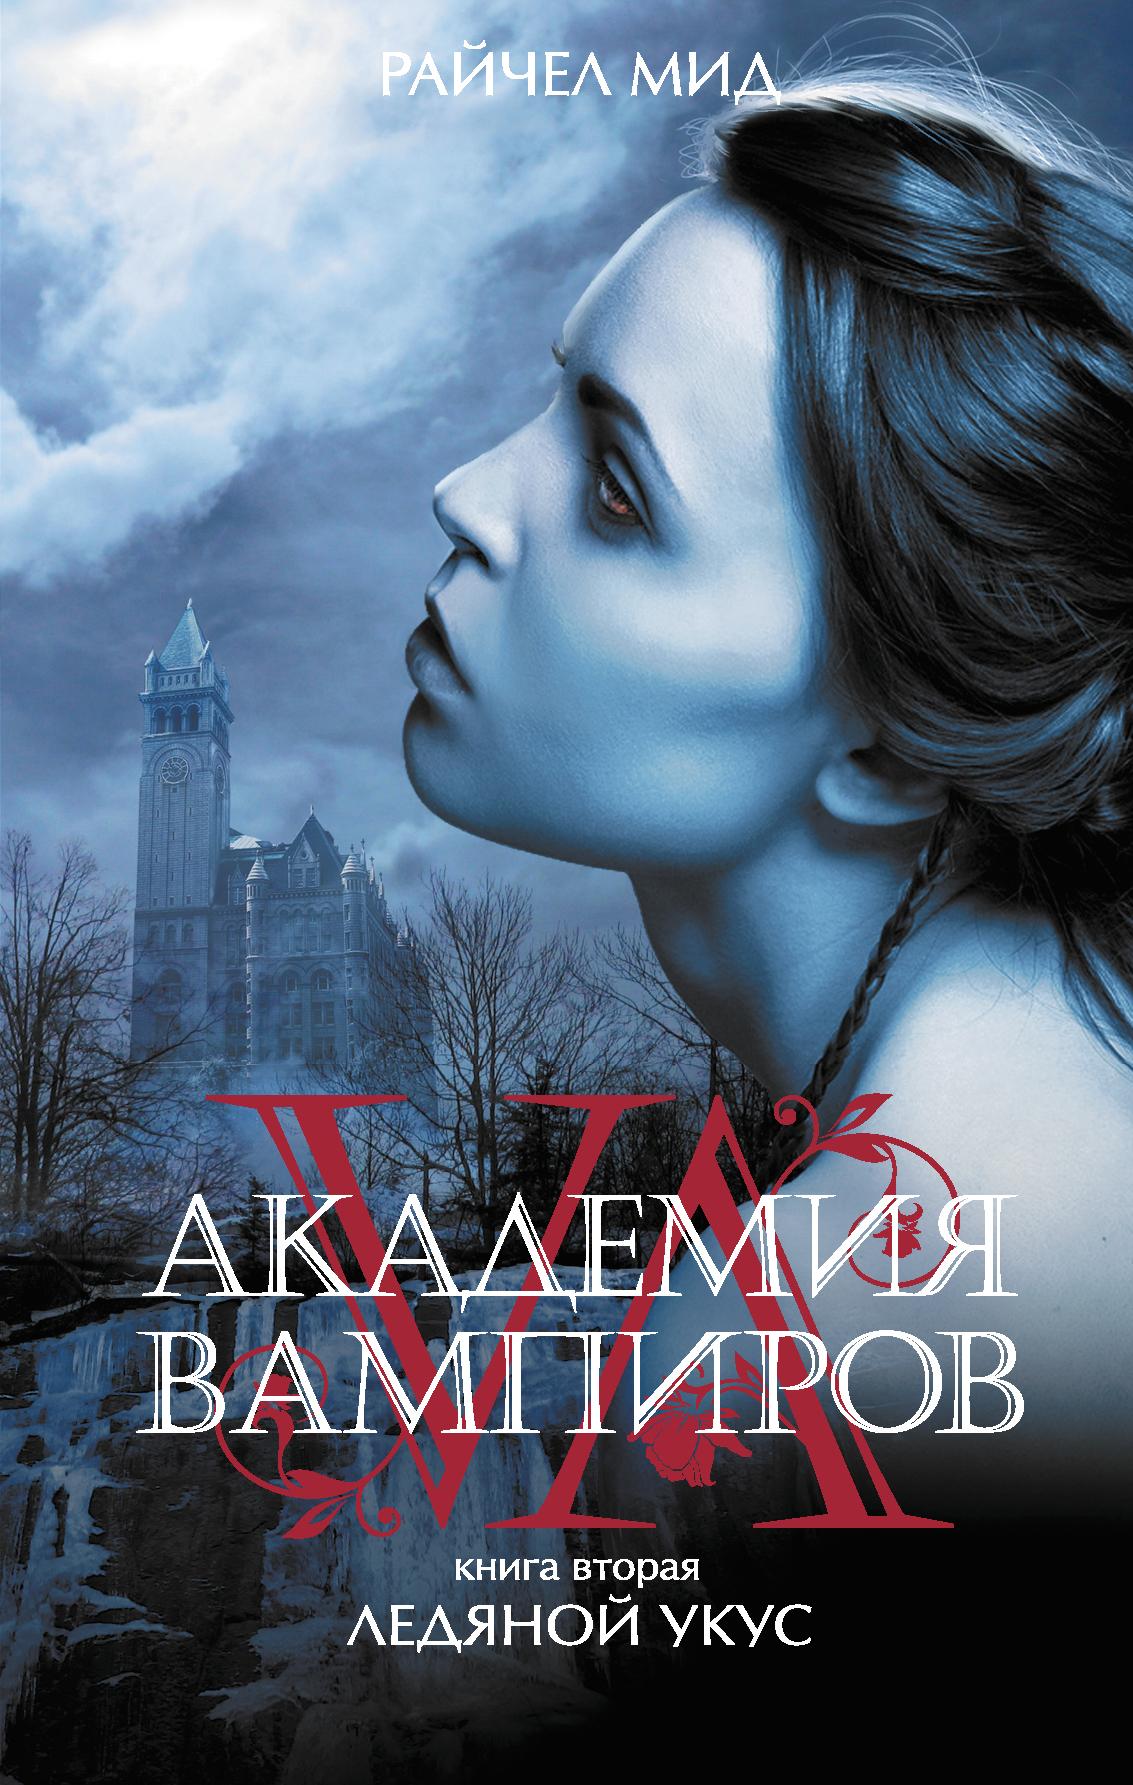 Фото Райчел Мид Академия вампиров. Книга 2. Ледяной укус. Купить  в РФ